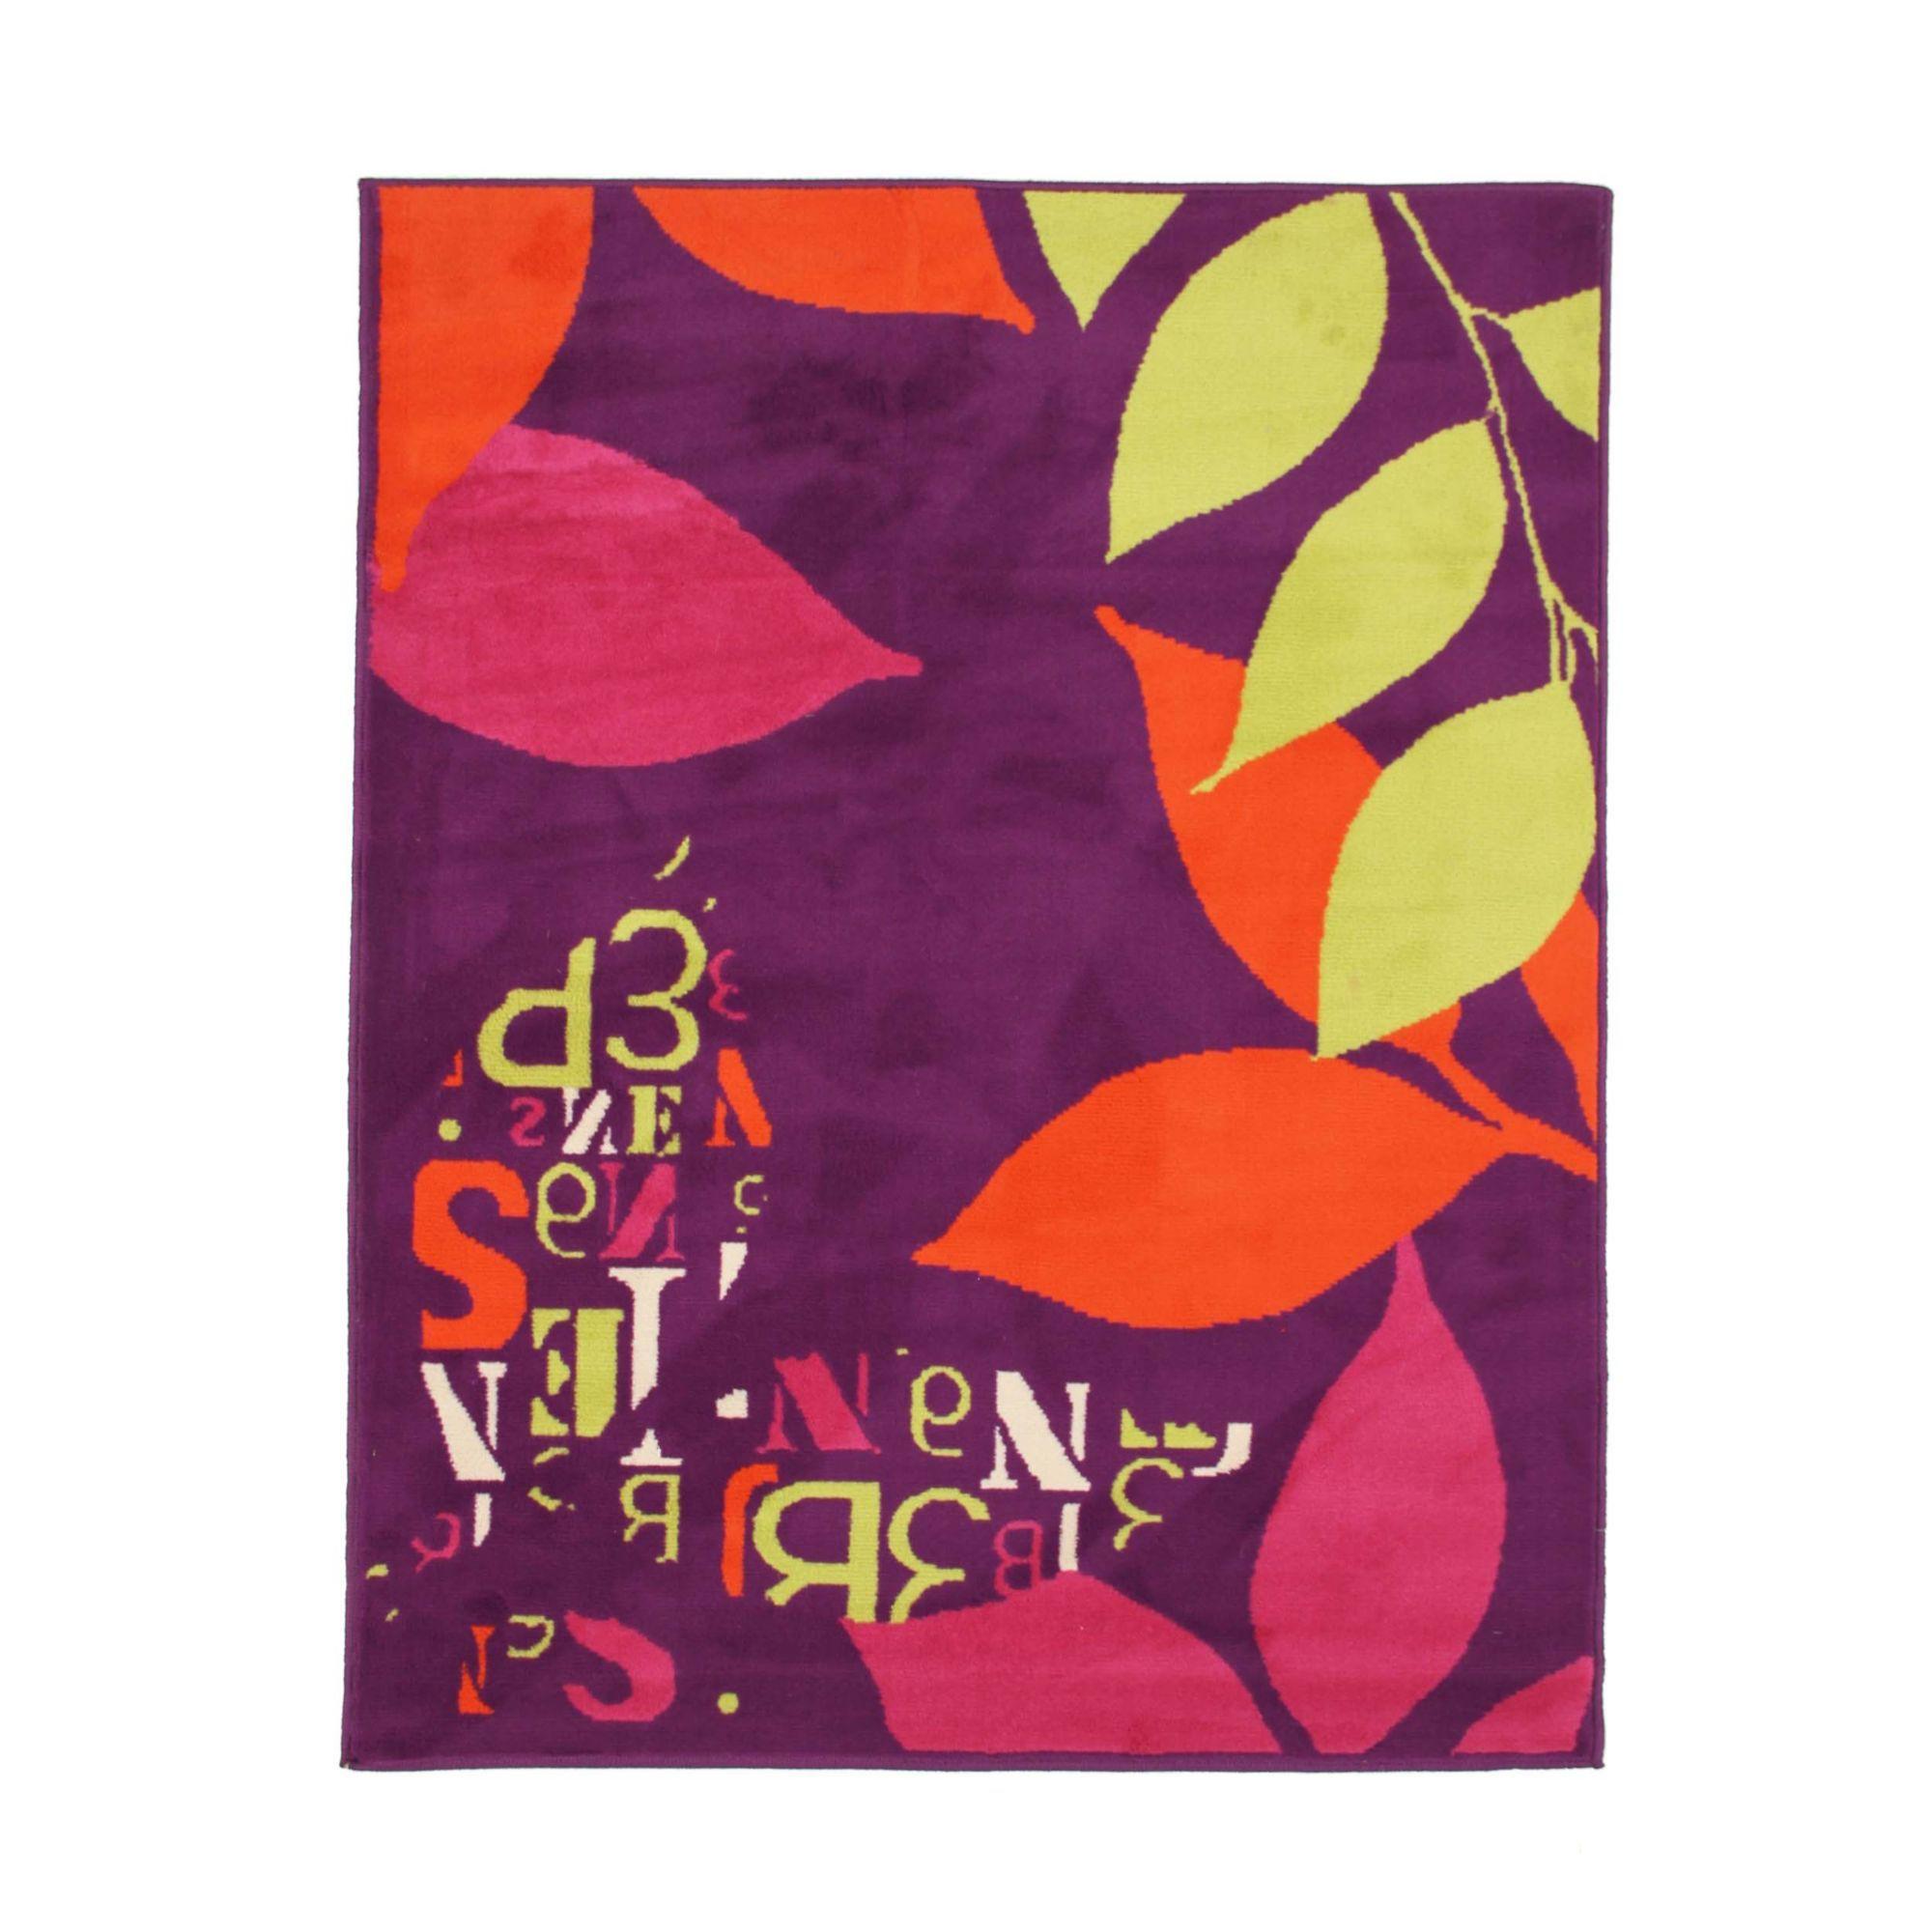 Tapis Coloré 120x170cm Violet   Colors Text   Les Tapis Moyens   Tapis Pour  Chambre Et Salon   Tapis   Décoration Du0027intérieur   Alinéa